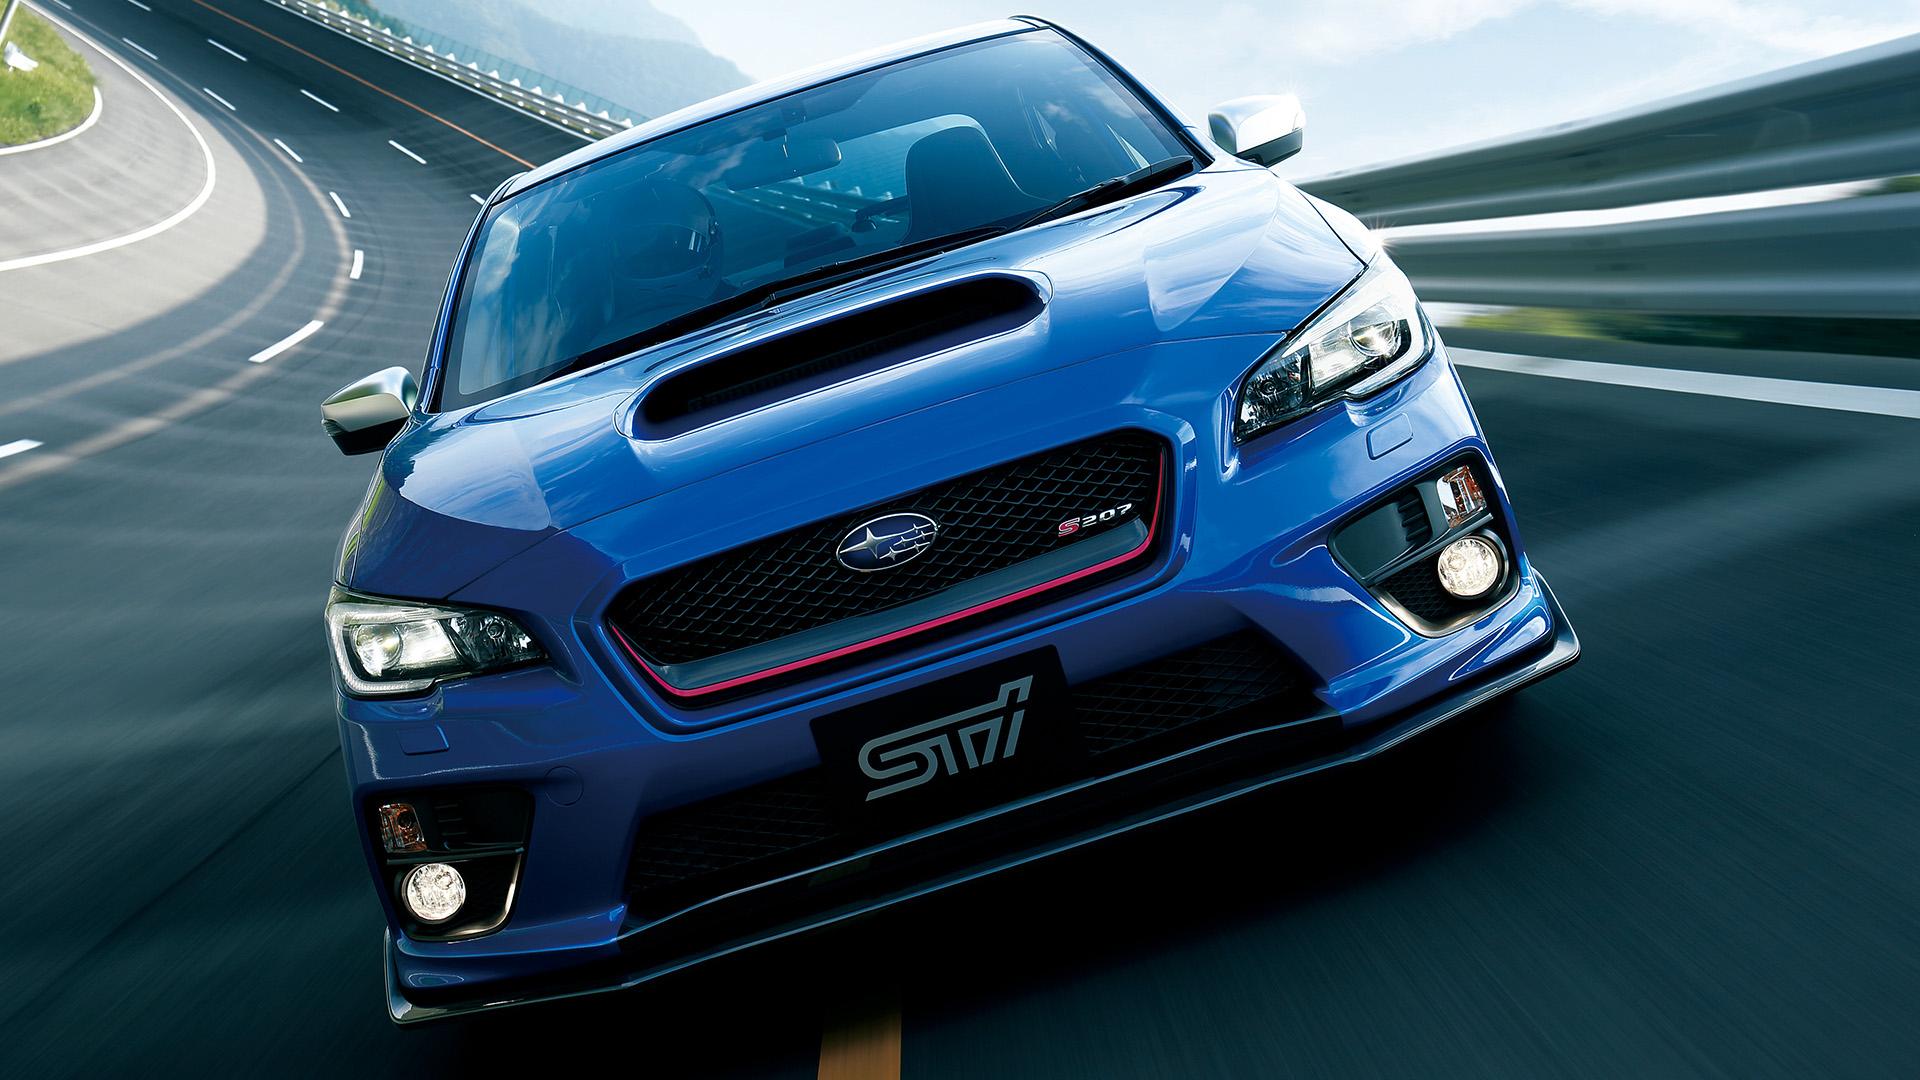 Subaru WRC STI - S207 - 2016 - avant / front